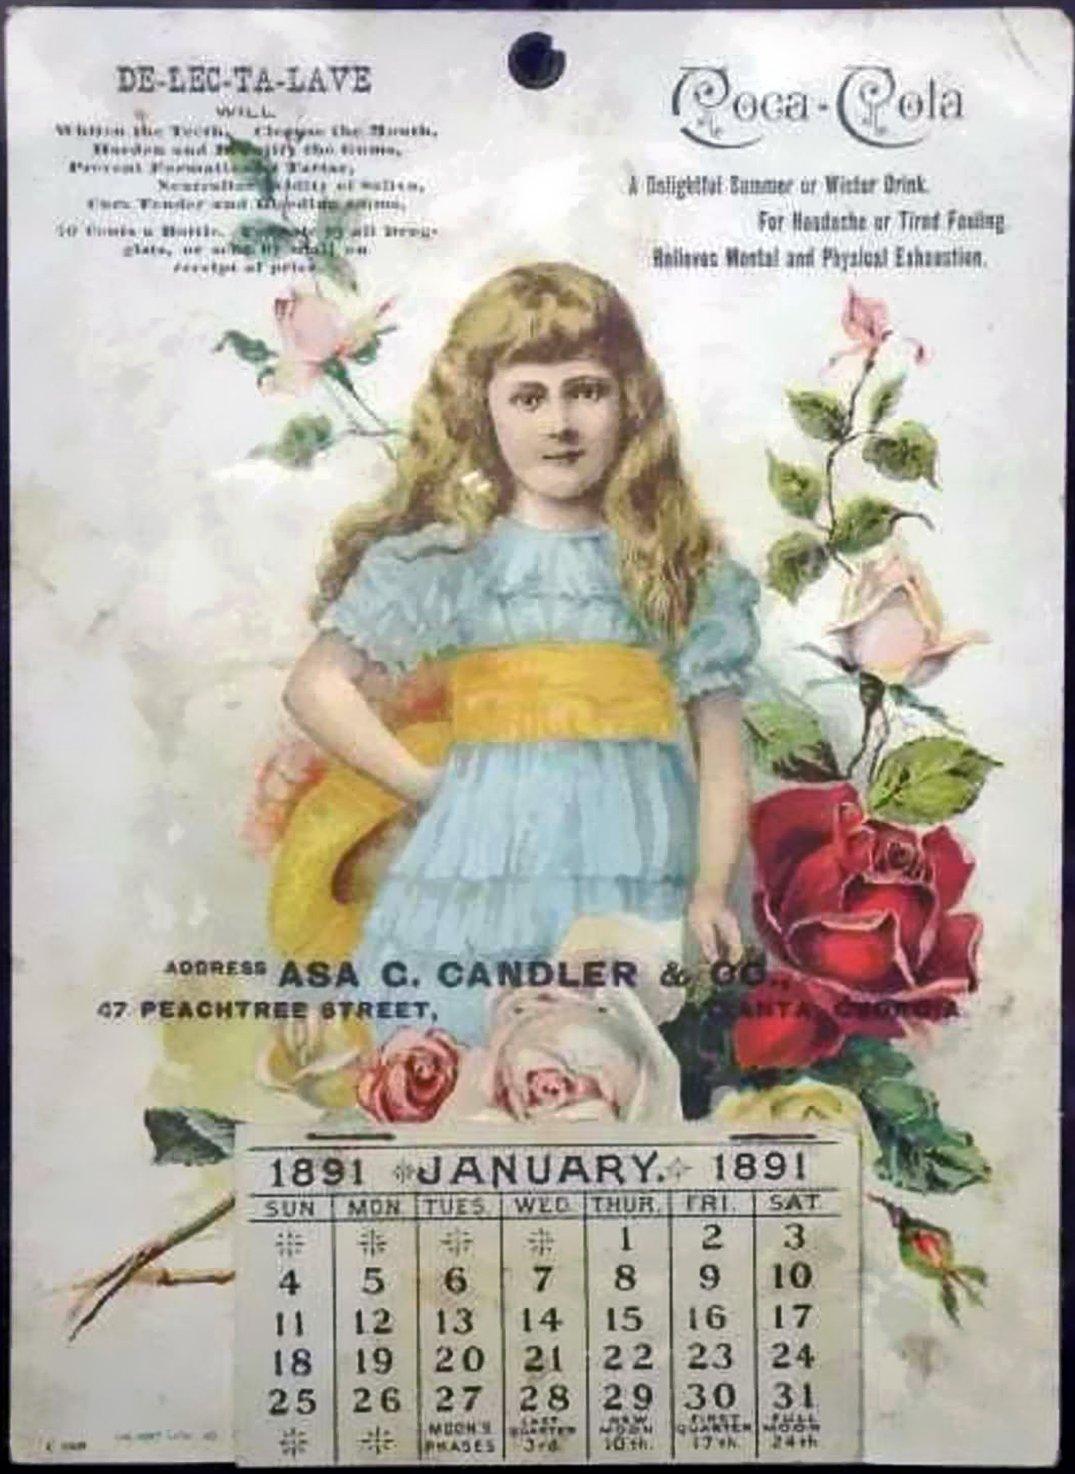 Coca-Cola advertising calendar, 1891